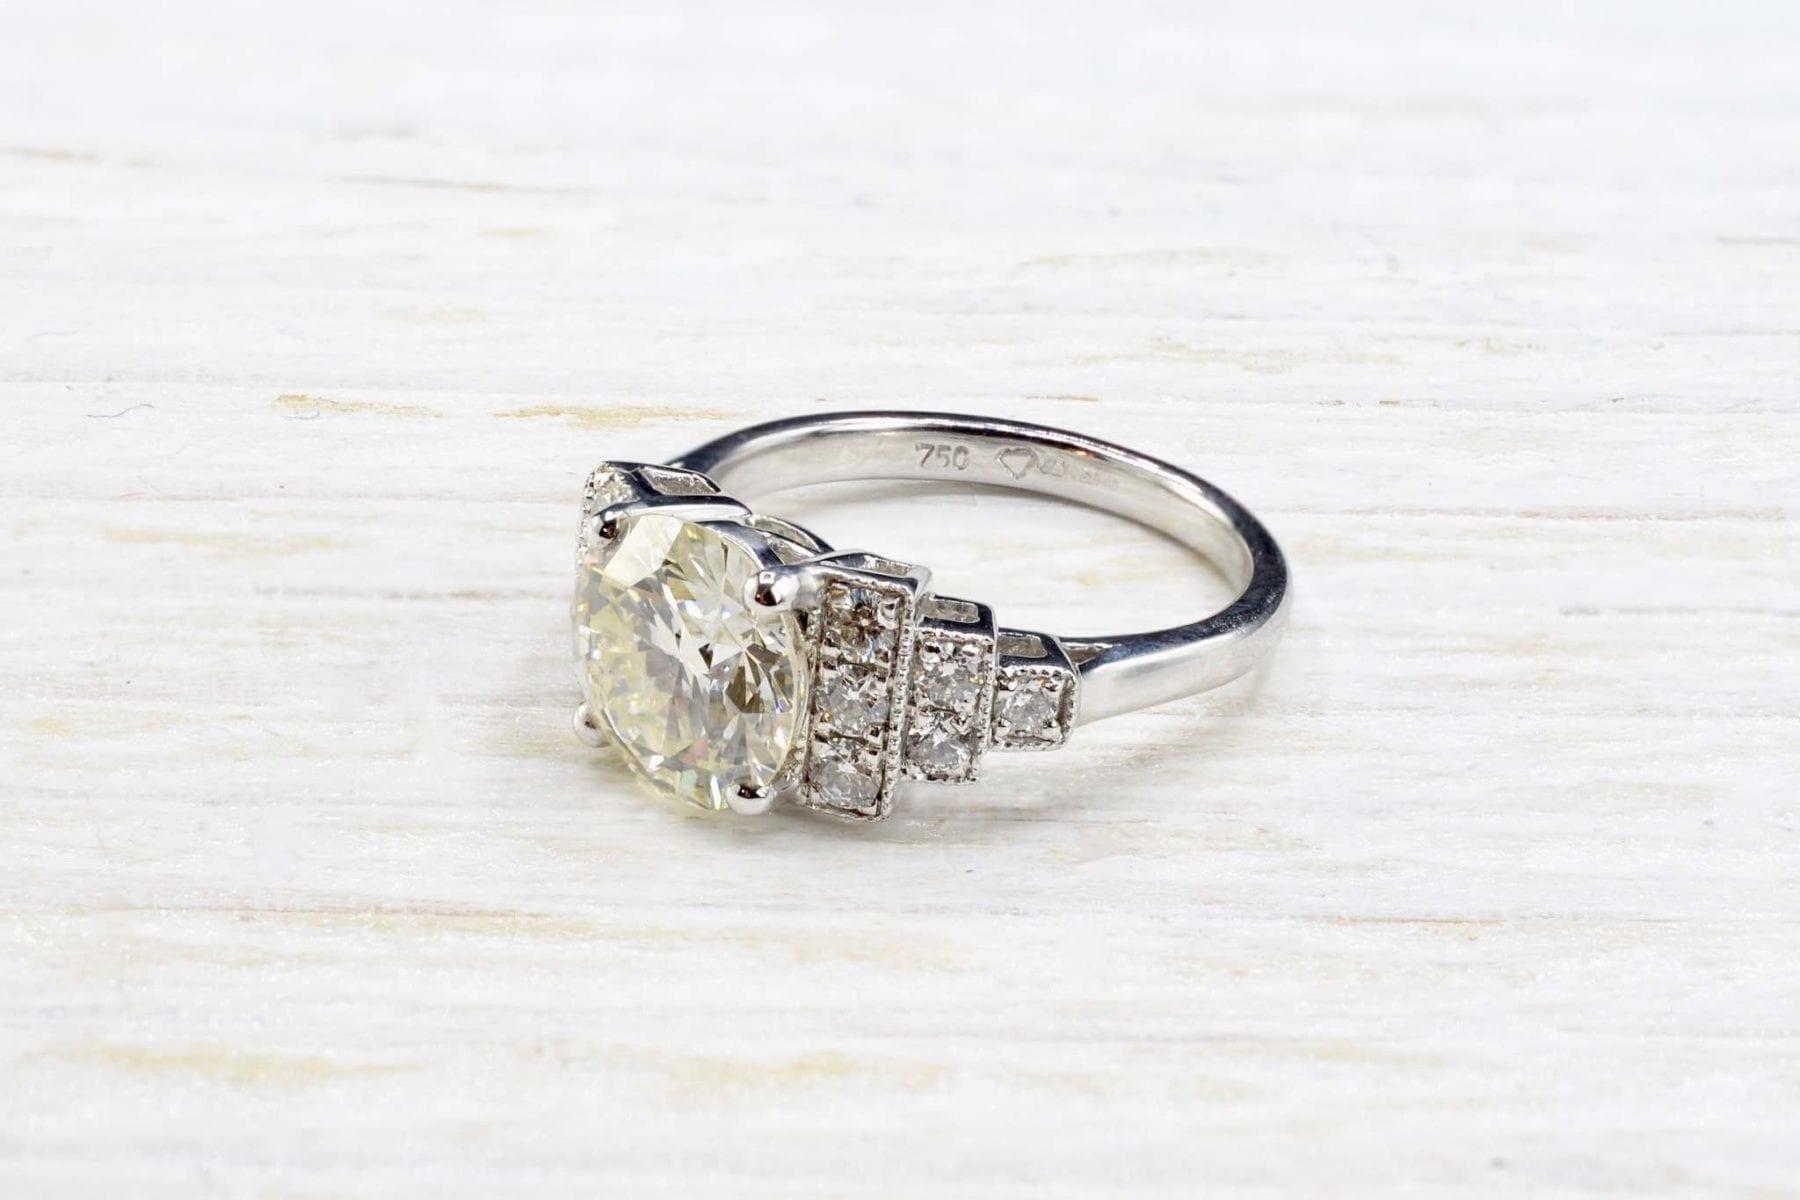 Bague Art Déco diamant de en or blanc 18k